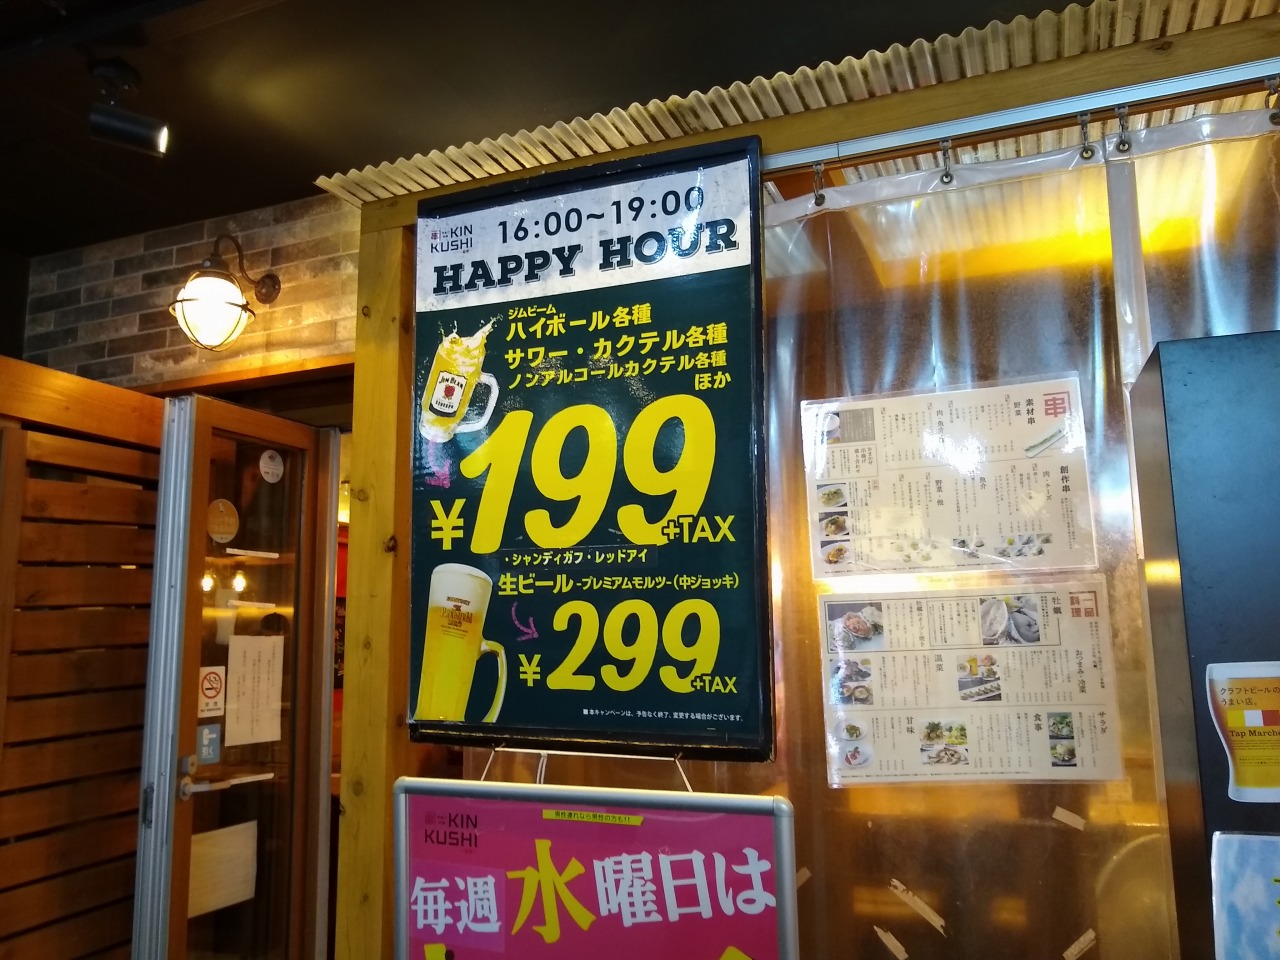 金串綱島店ハッピーアワー